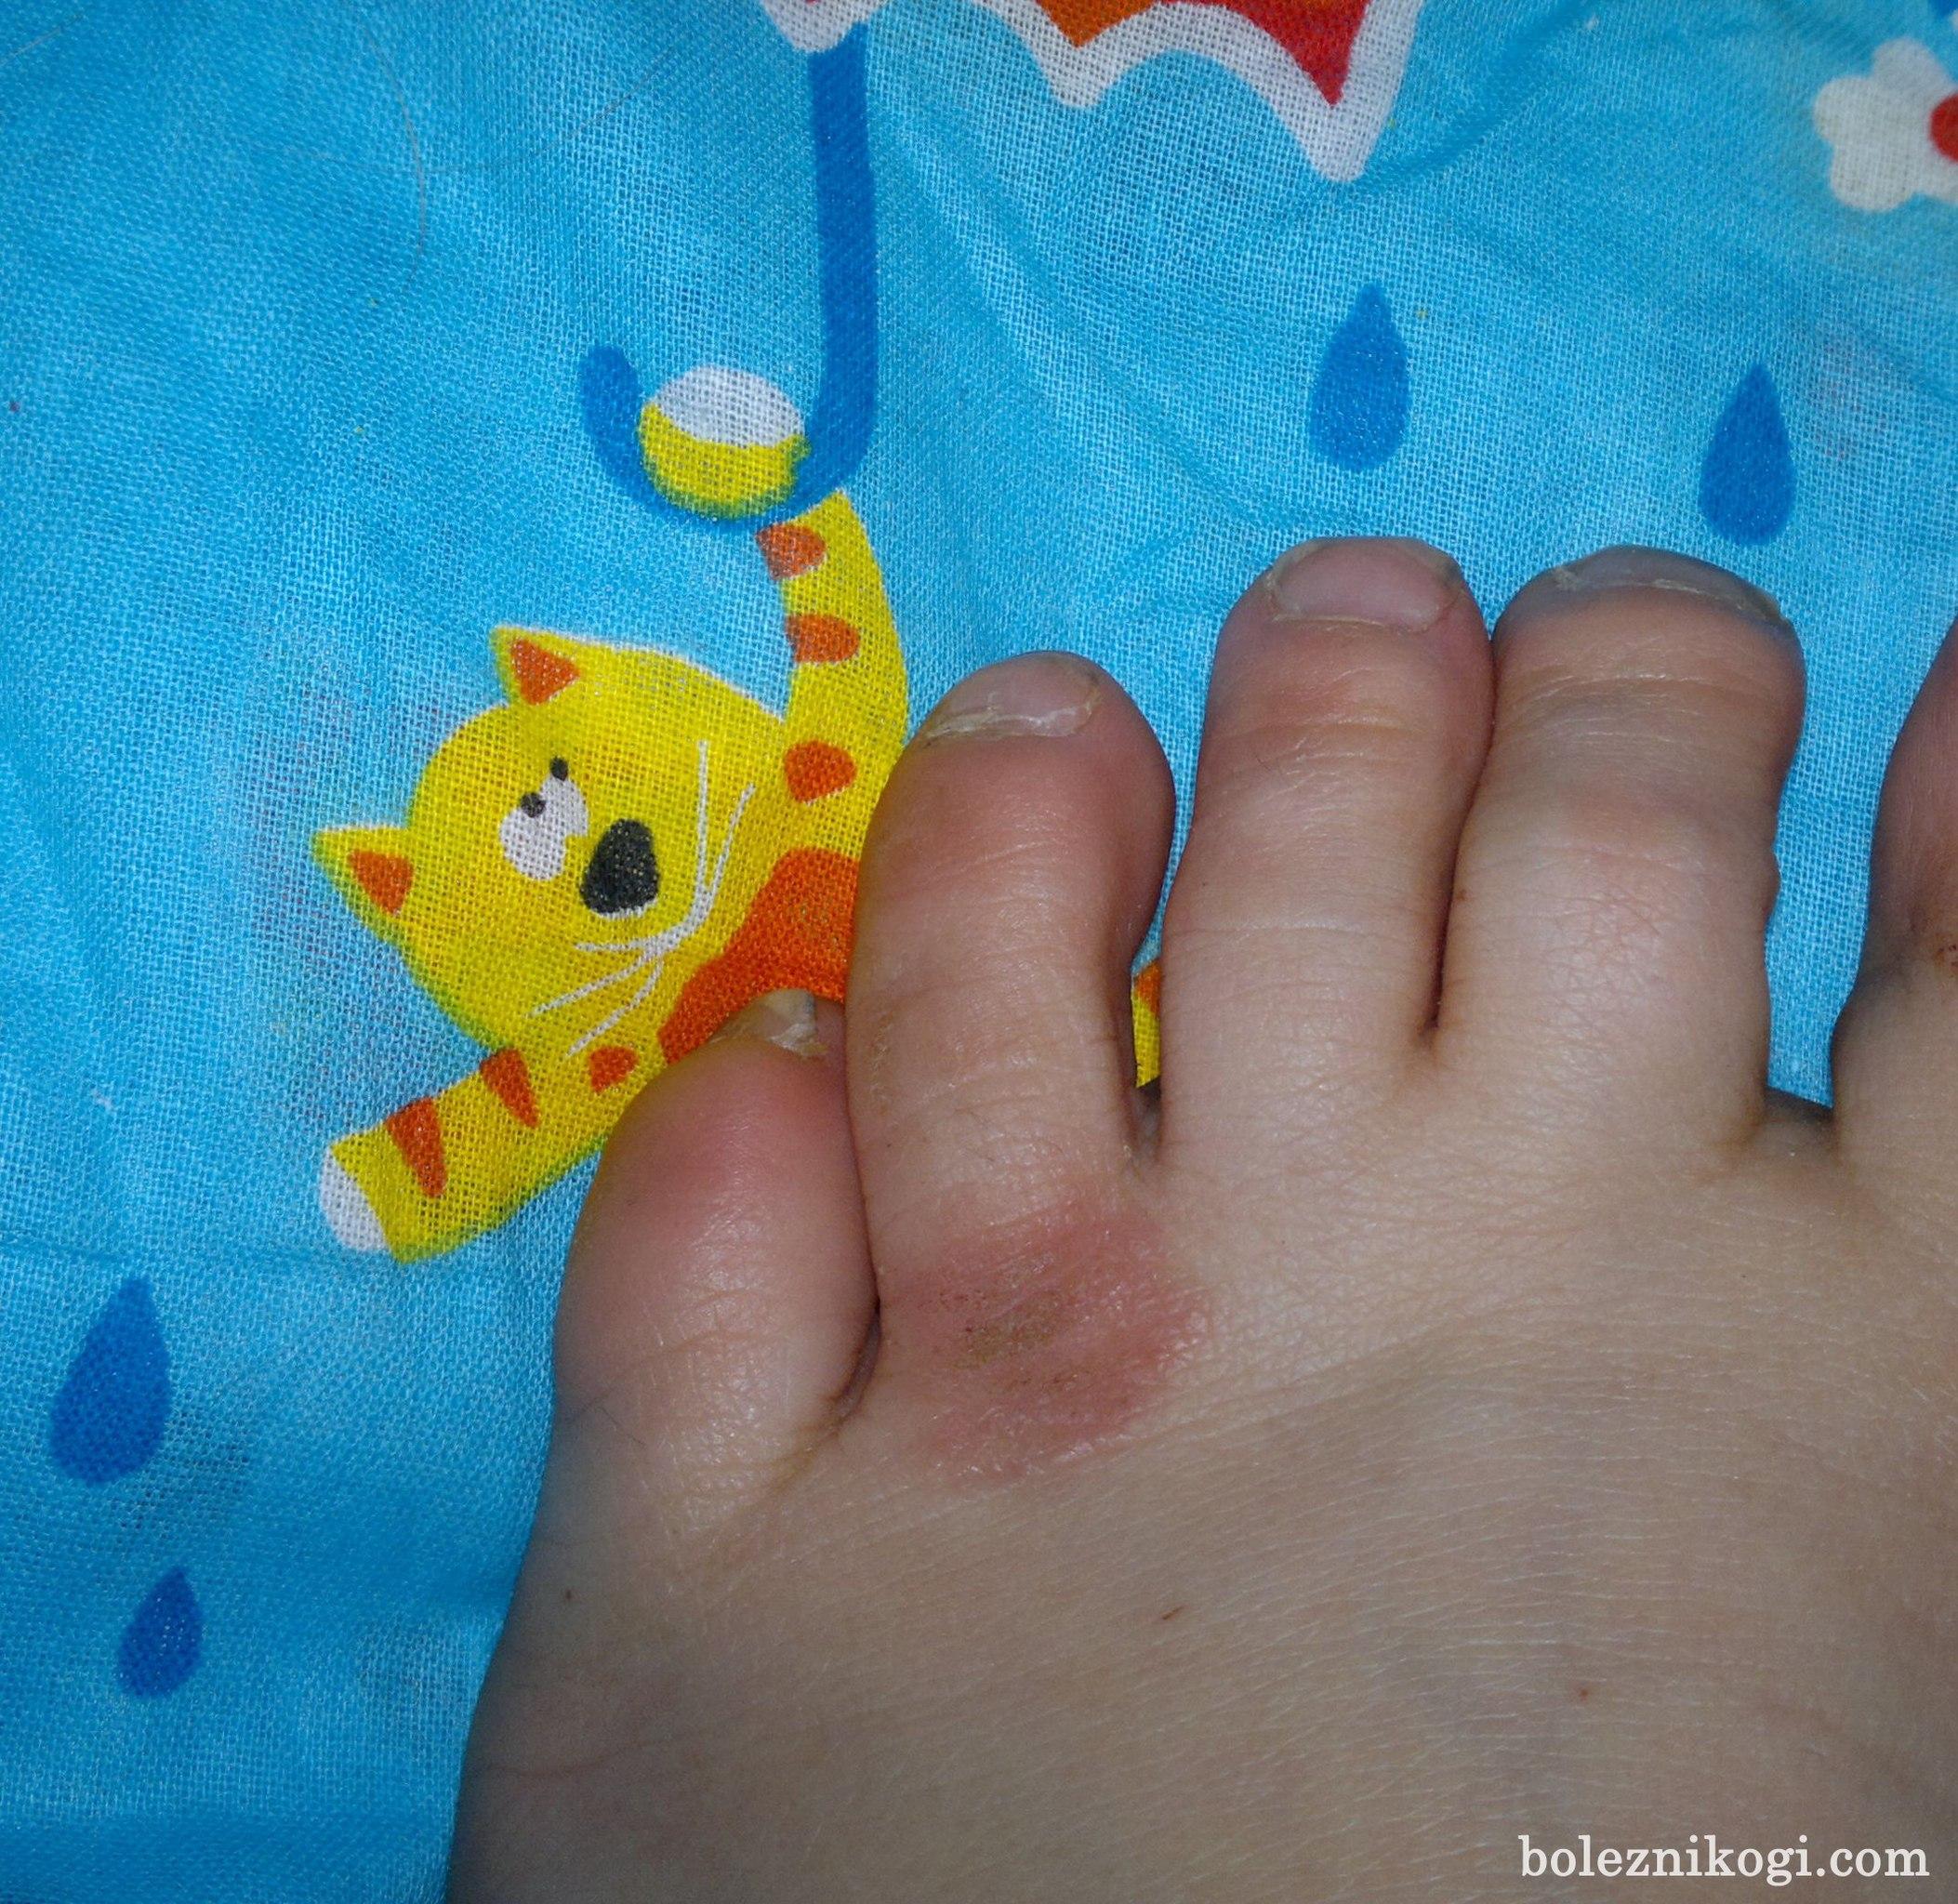 нейродермит на пальцах ног фото